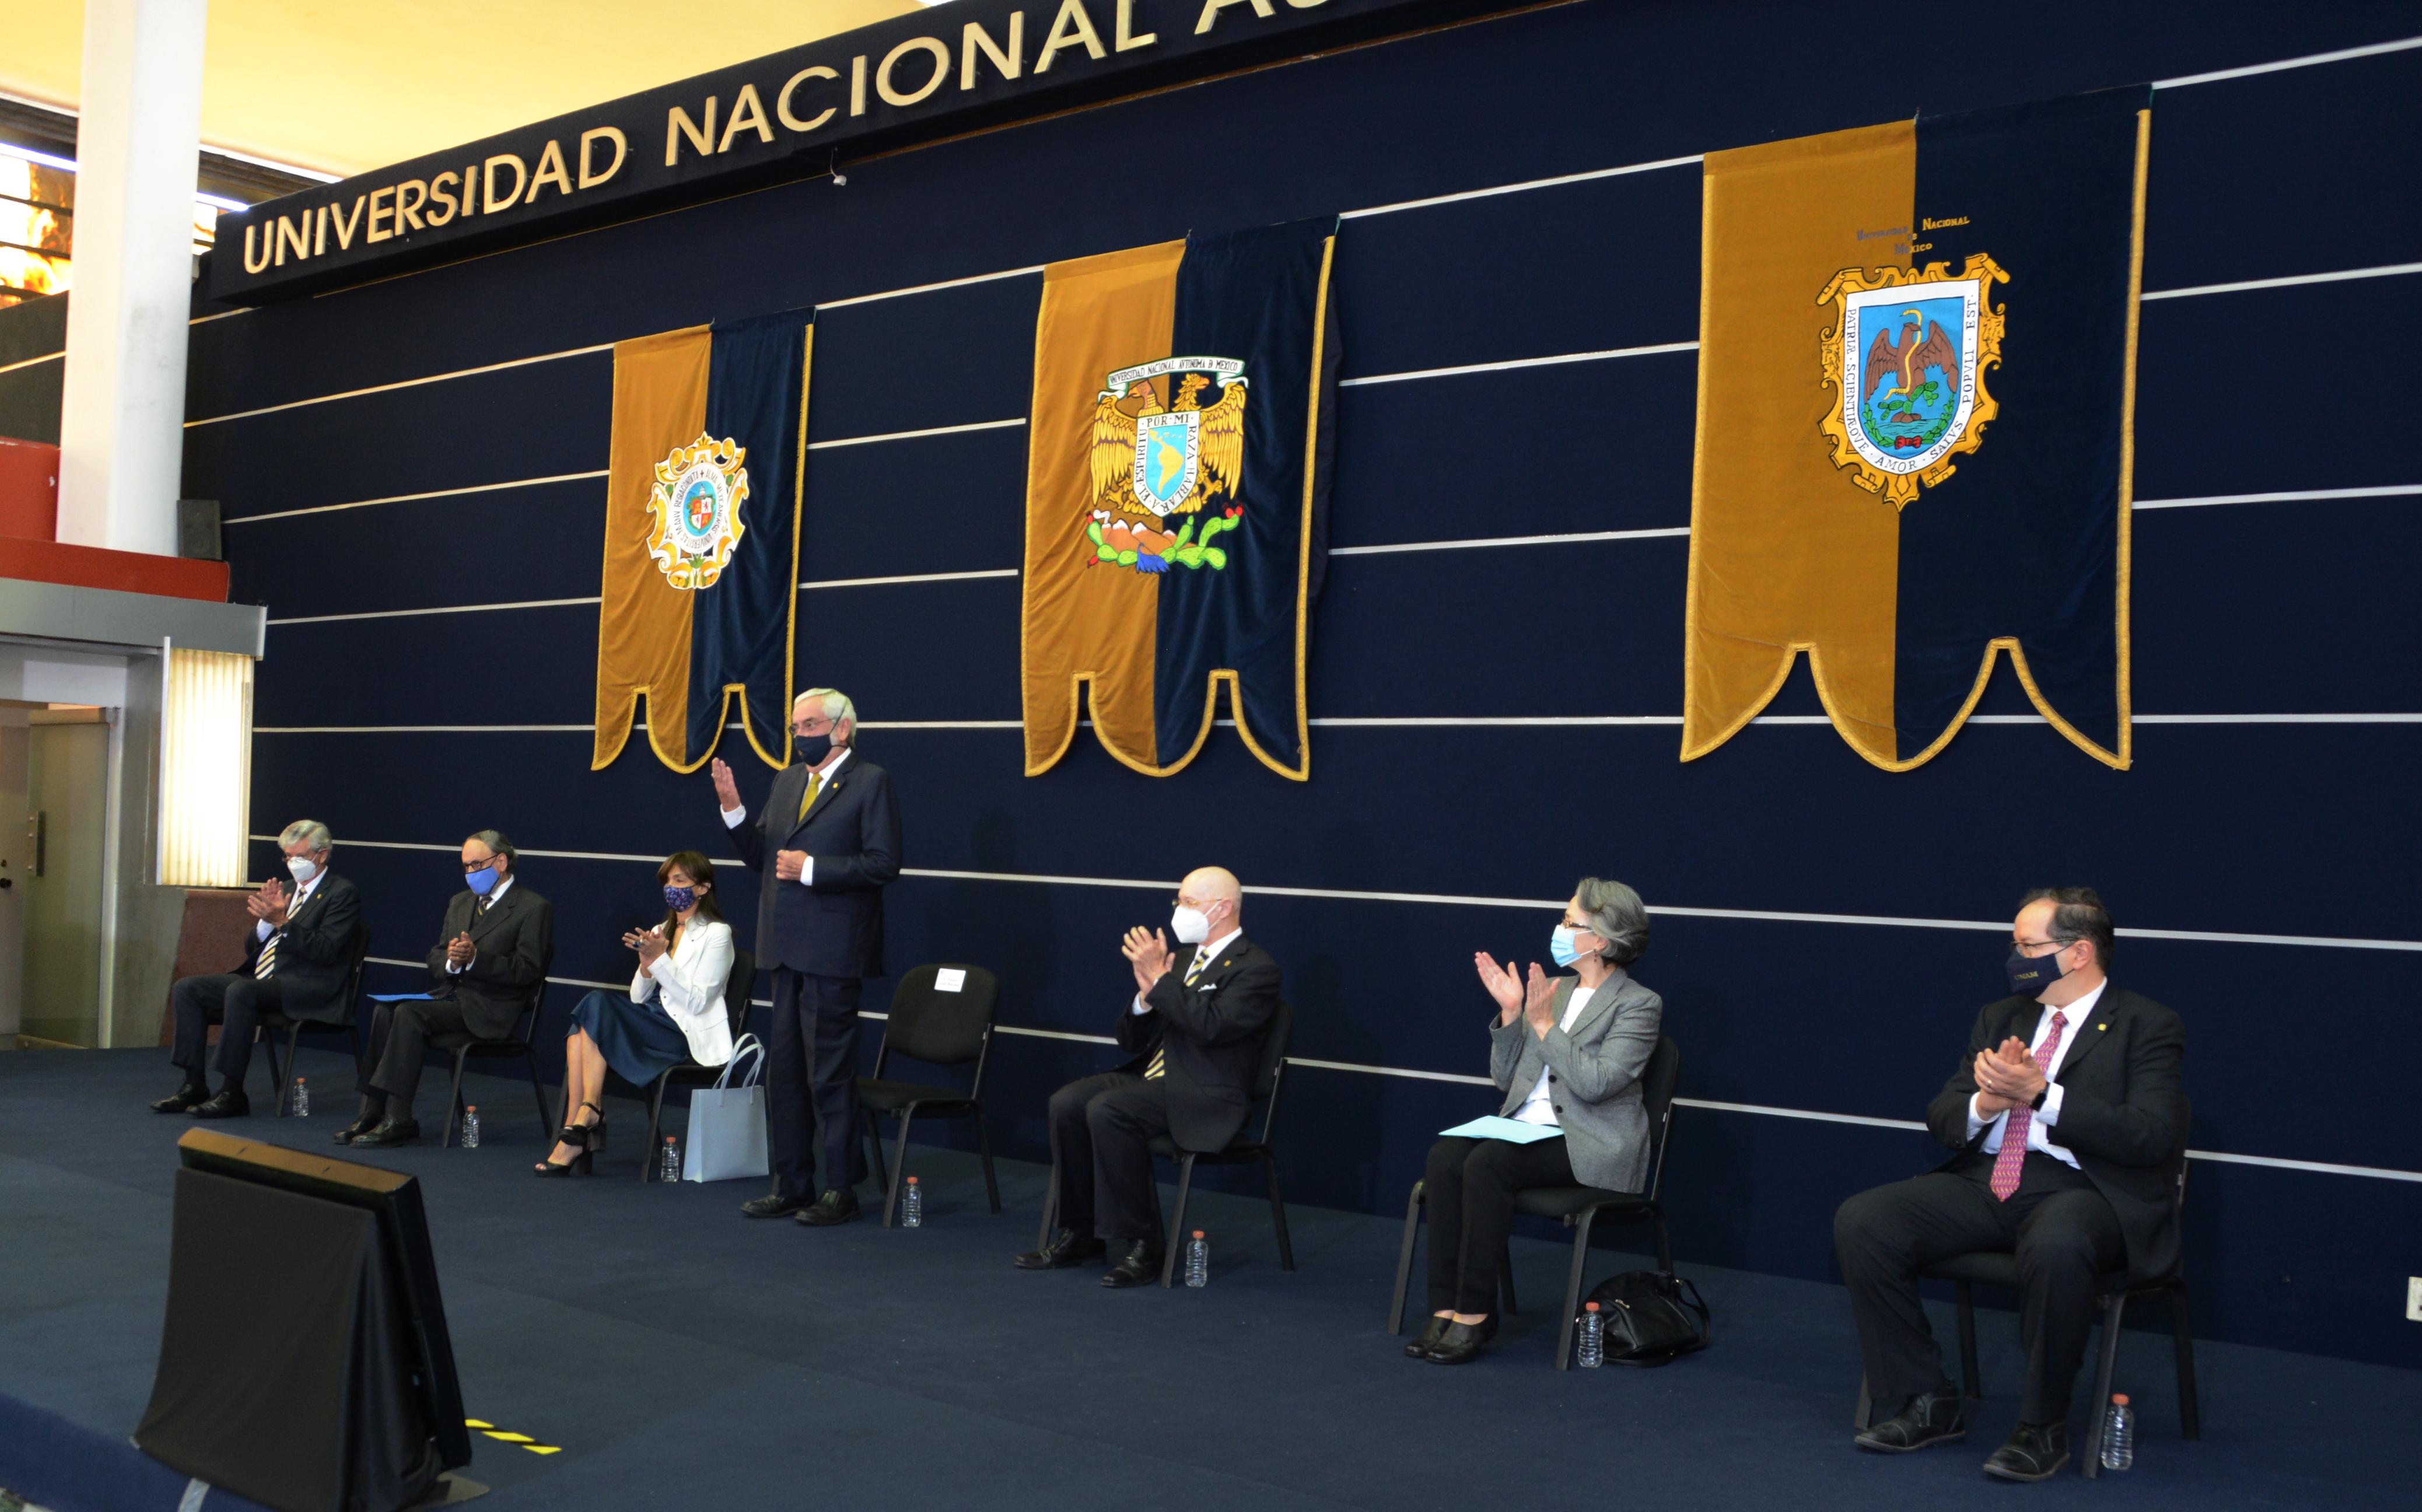 Retorno presencial a la UNAM será paulatino, ordenado y con todas las medidas sanitarias: Graue